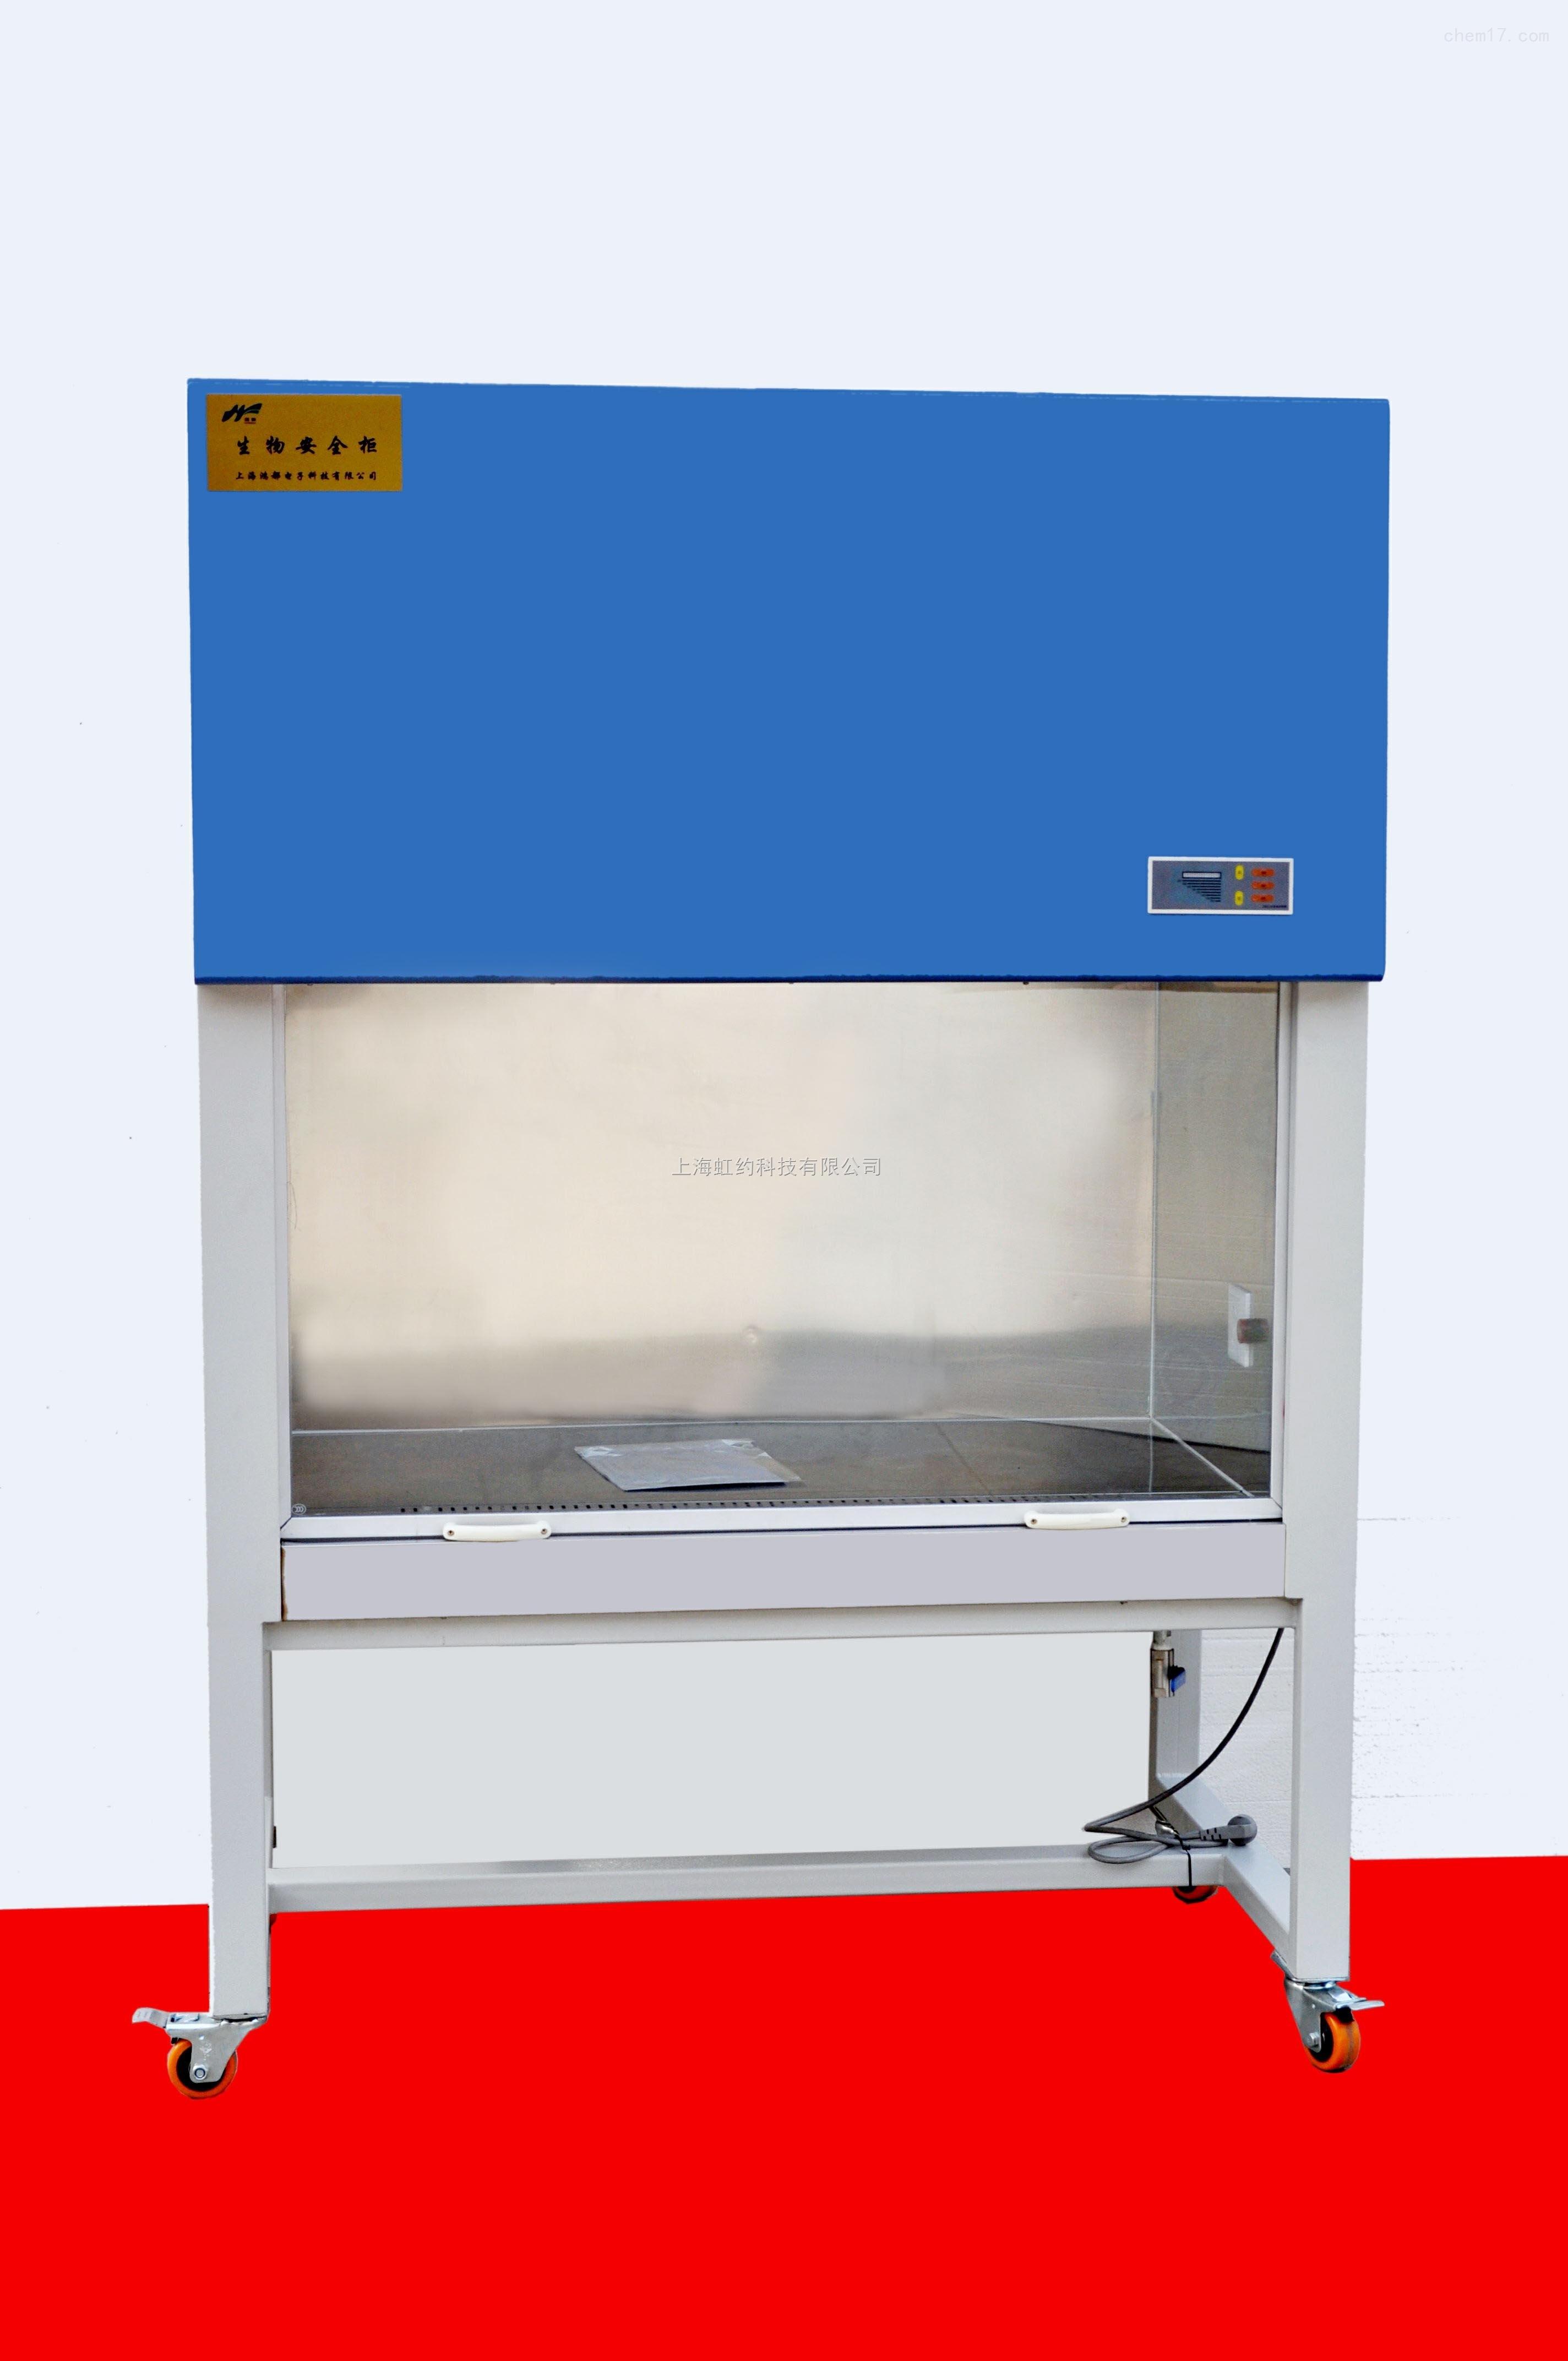 JH—SW型系列生物安全柜